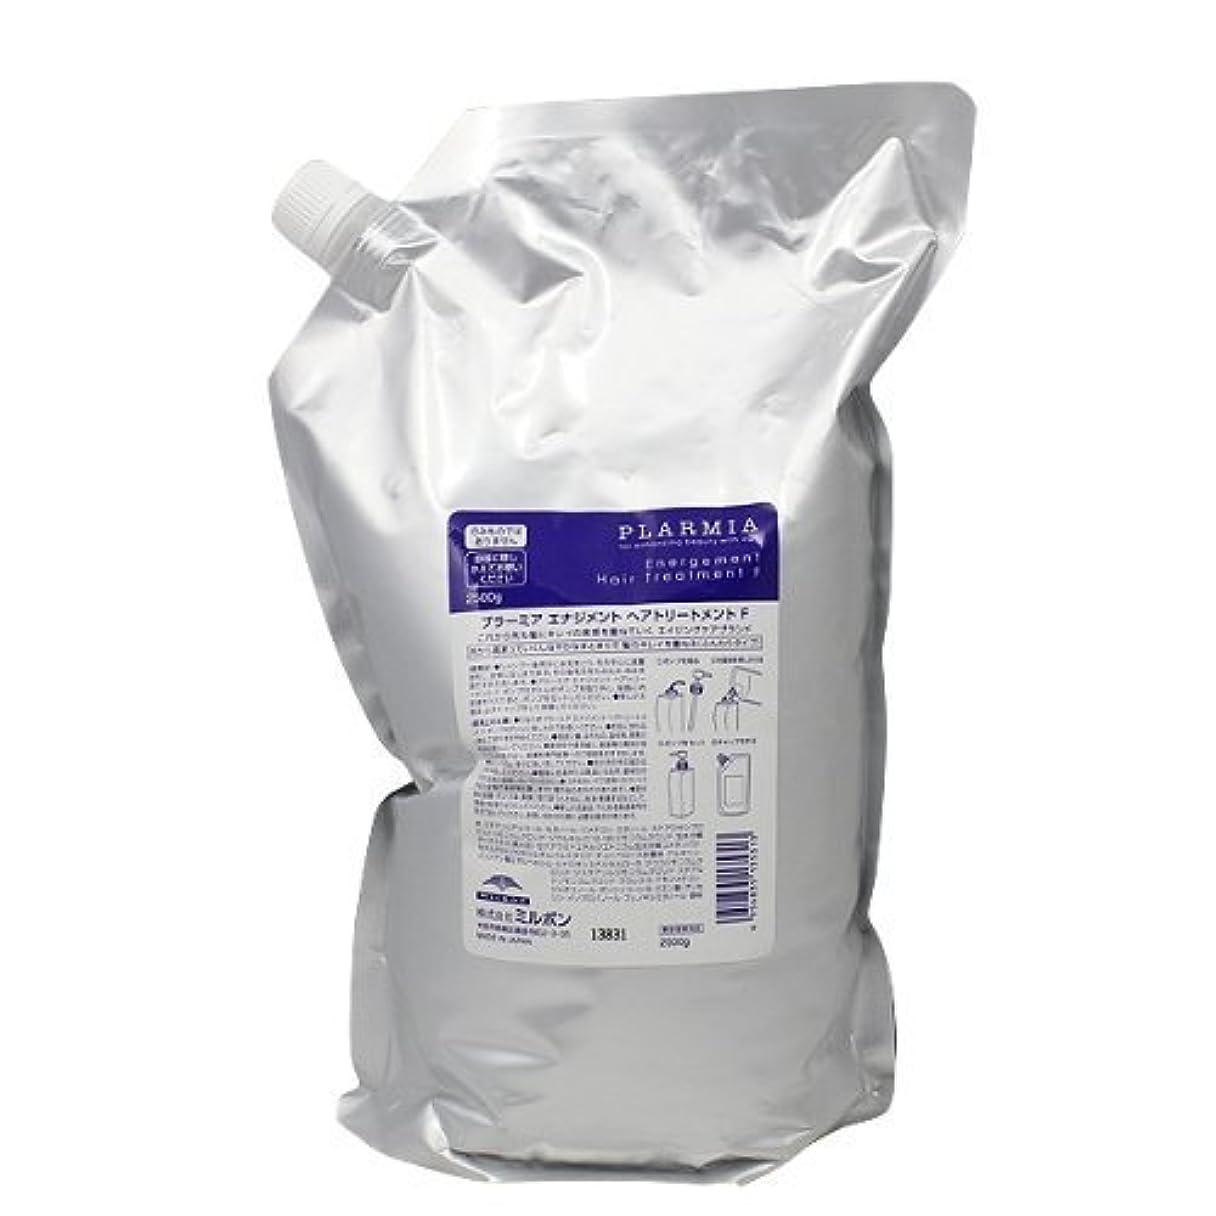 類人猿小麦粉に頼るミルボン プラーミア エナジメントトリートメントF 2500g(レフィル)